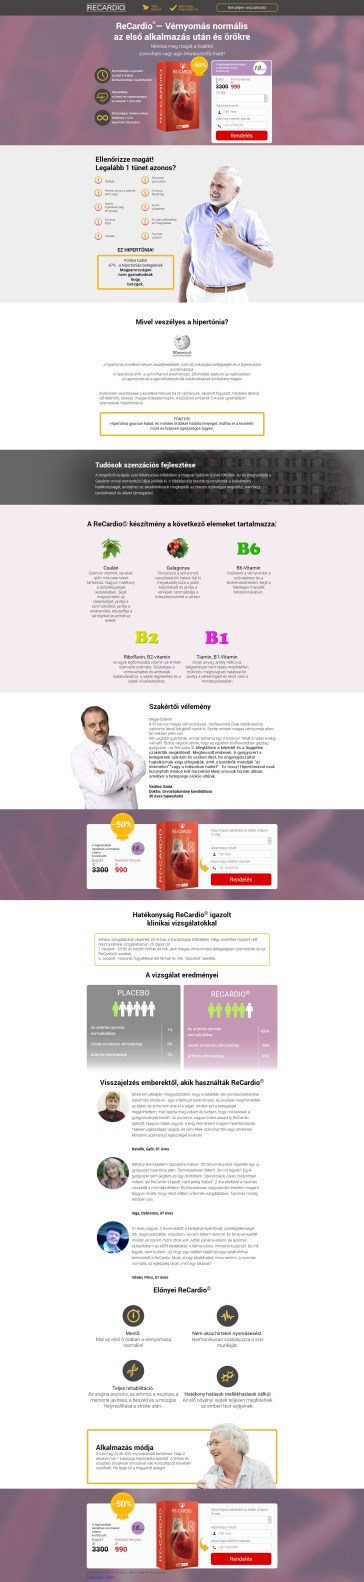 magas vérnyomás kezeléssel foglalkozó weboldal információs vélemények